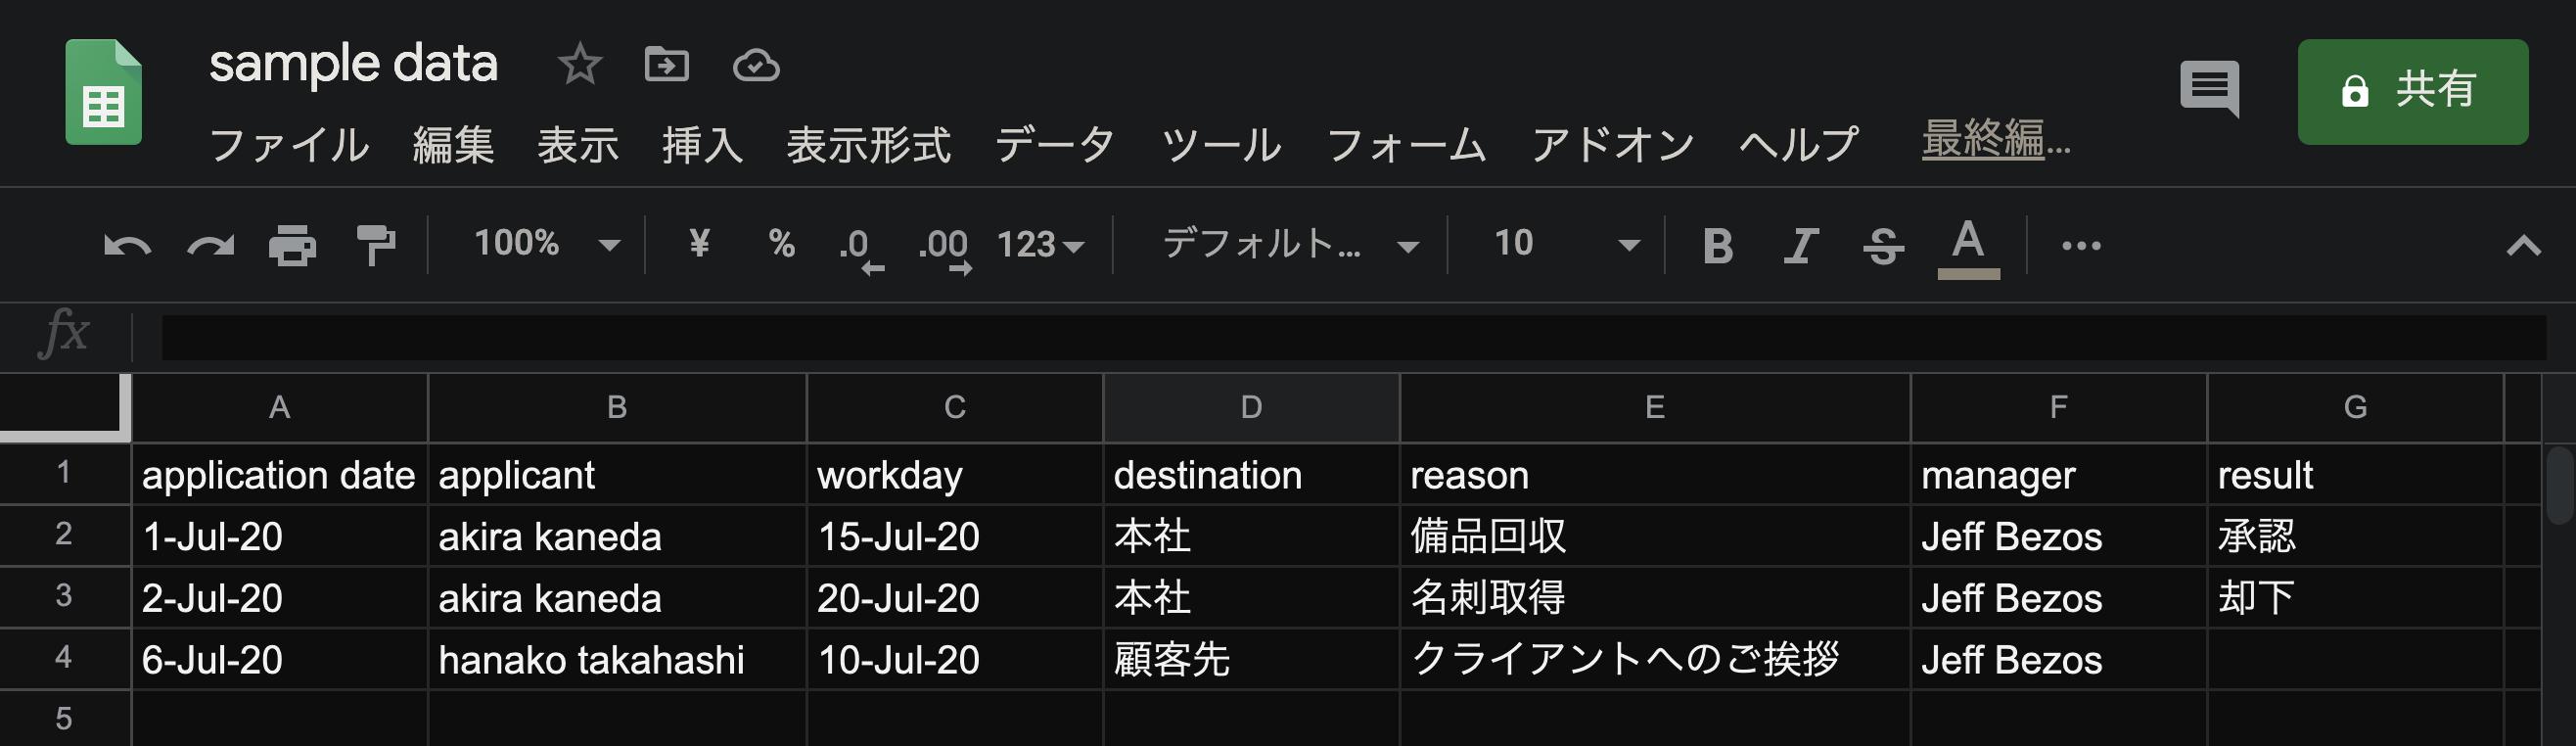 sampledata_googleスプレッドシート